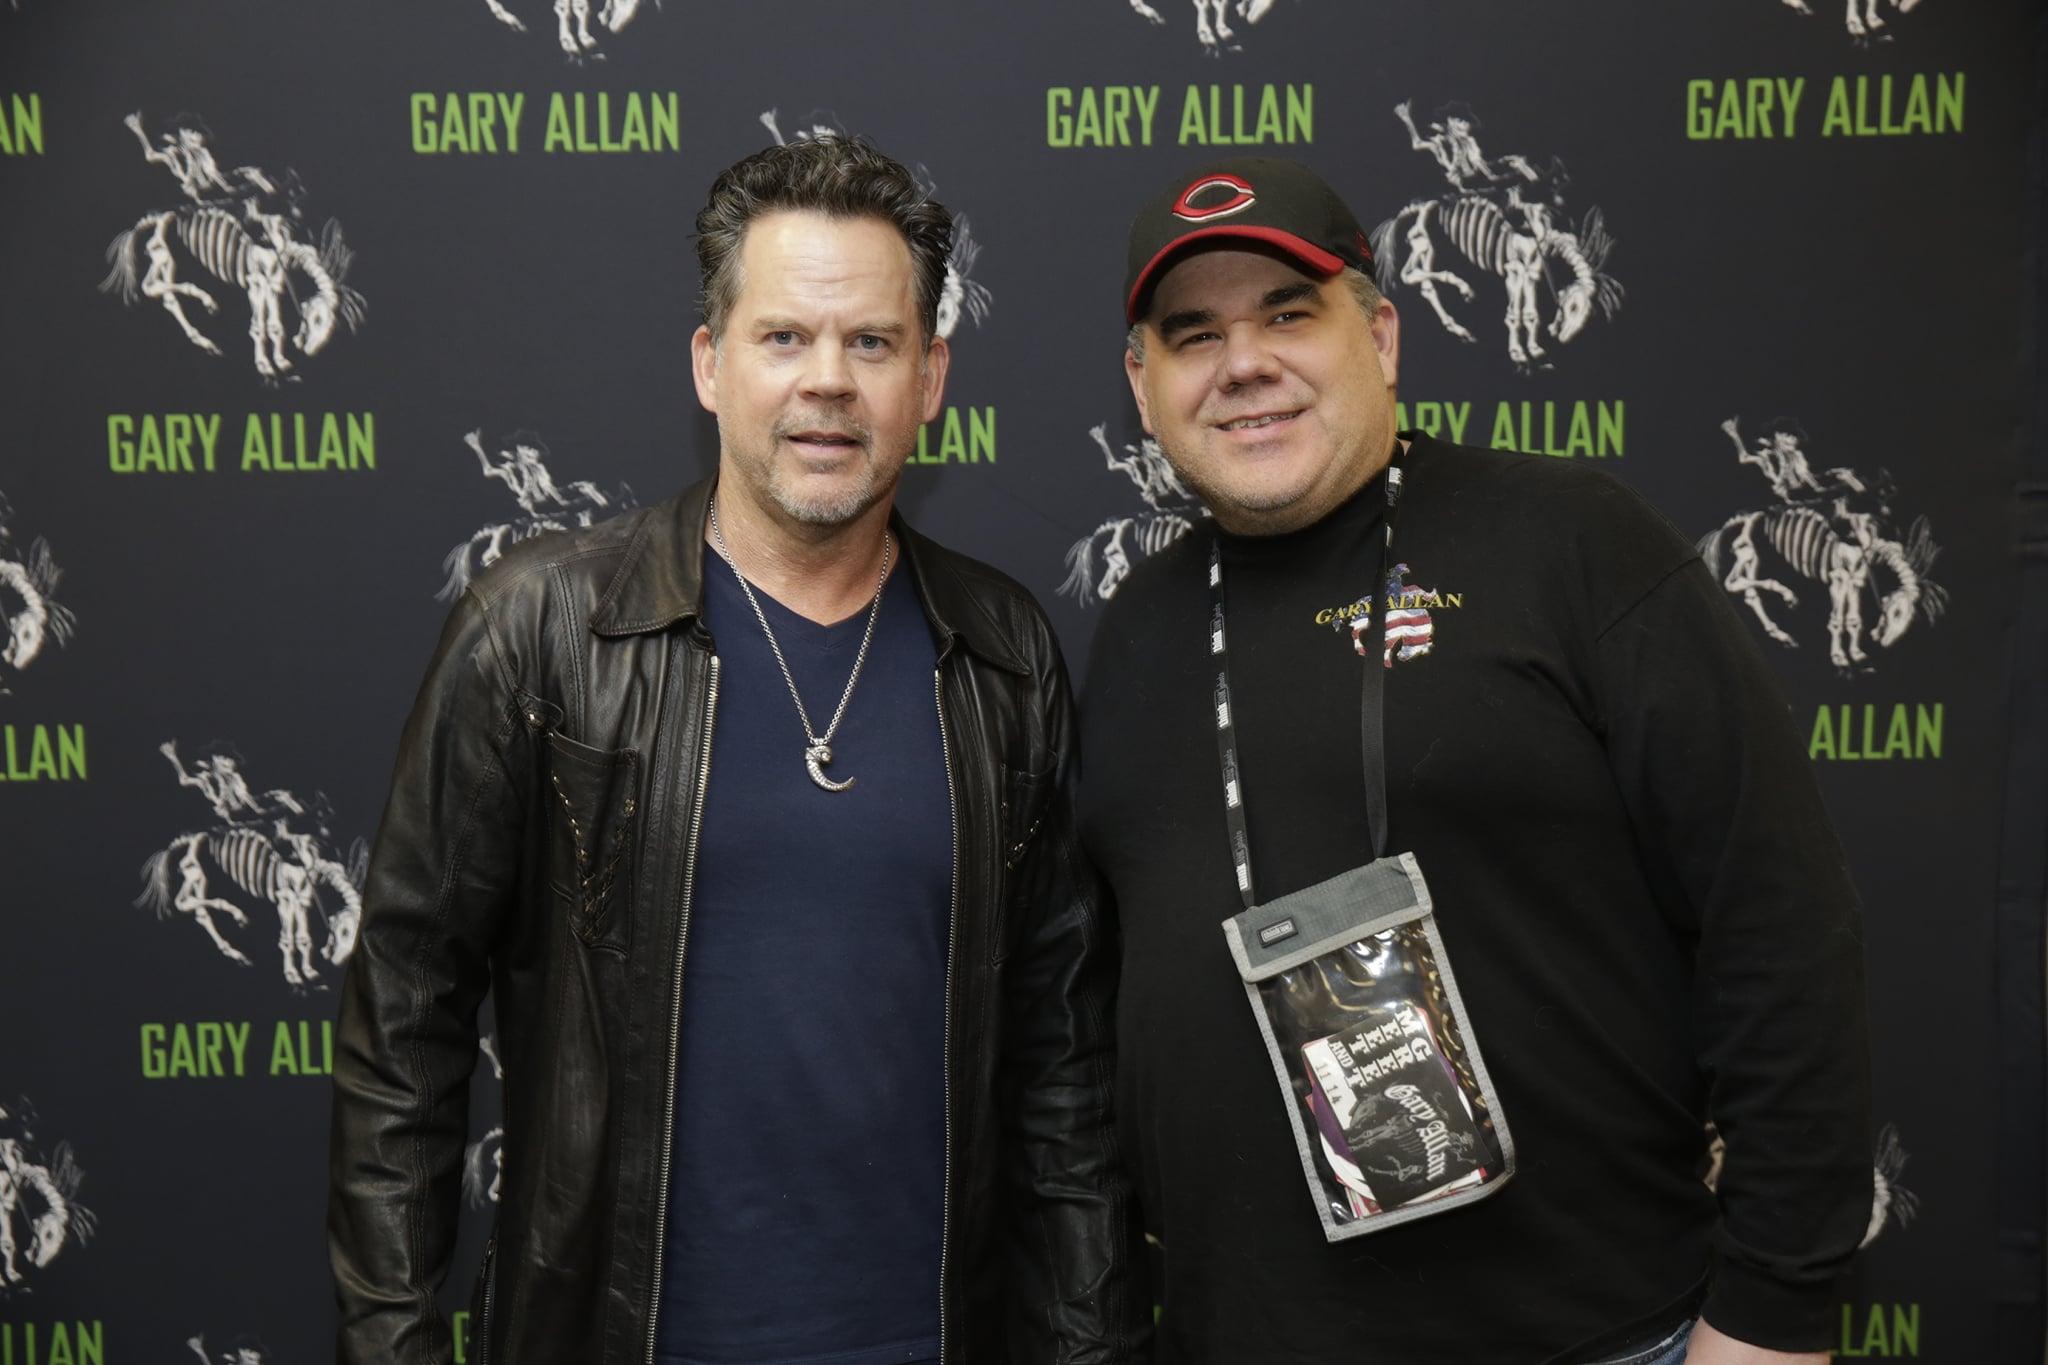 Gary Allan Meet and Greet